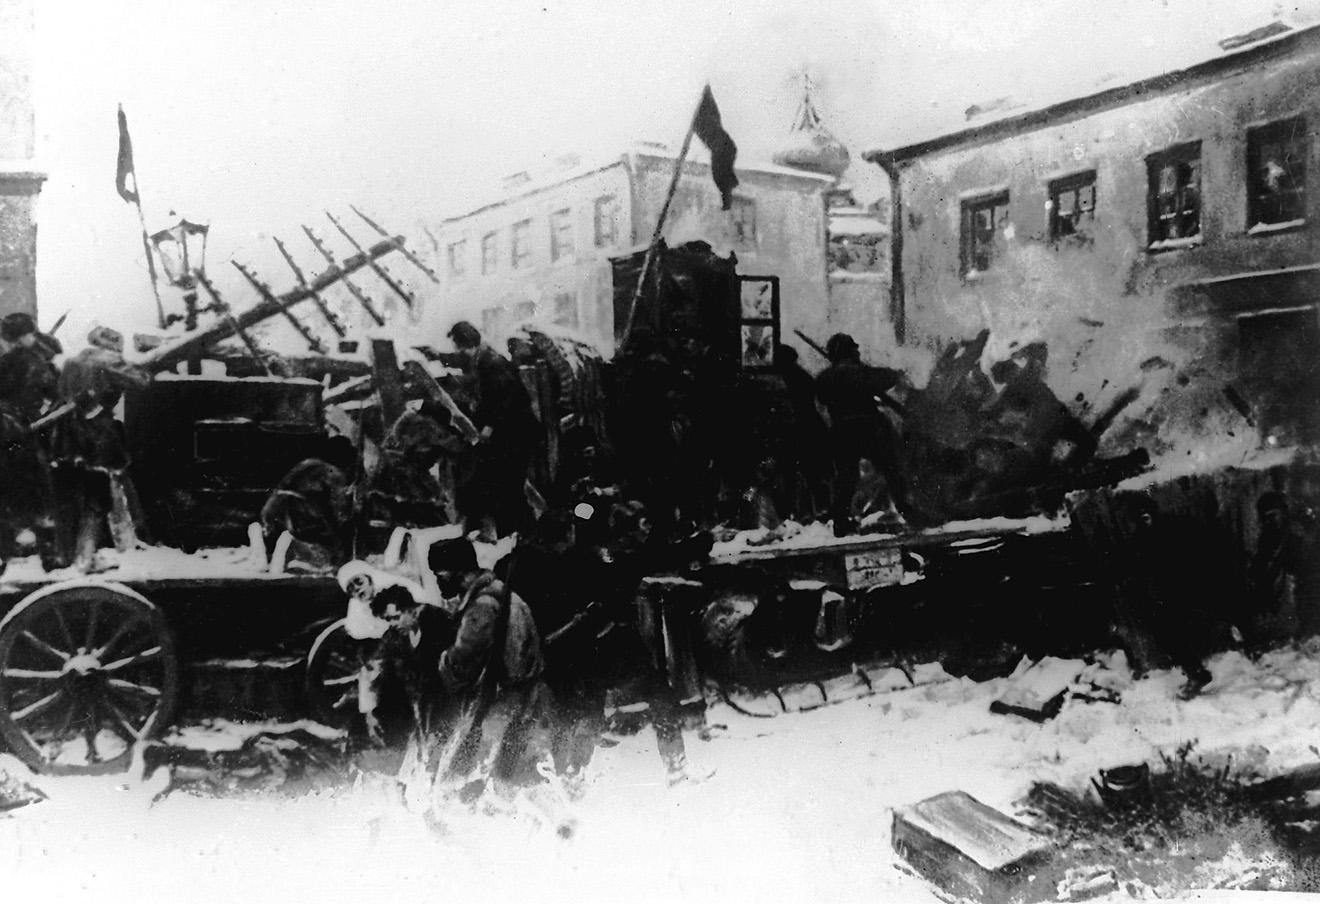 Бой дружинников на Красной Пресне в декабре 1905 года.